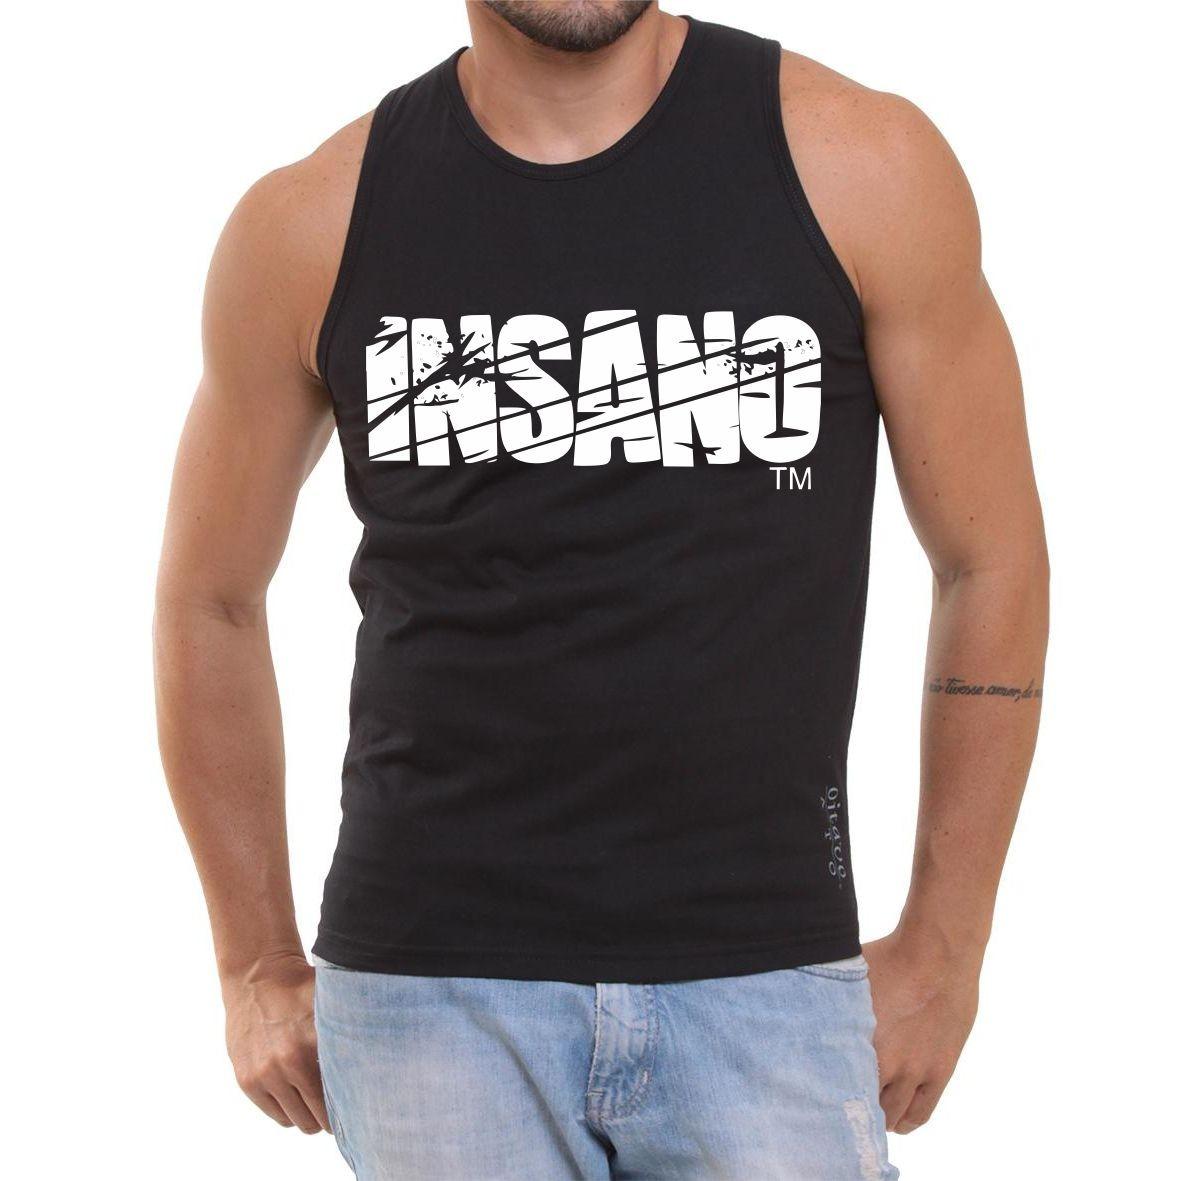 343c25f2040a4 regata insano camiseta treino musculação fitness academia. Carregando zoom.